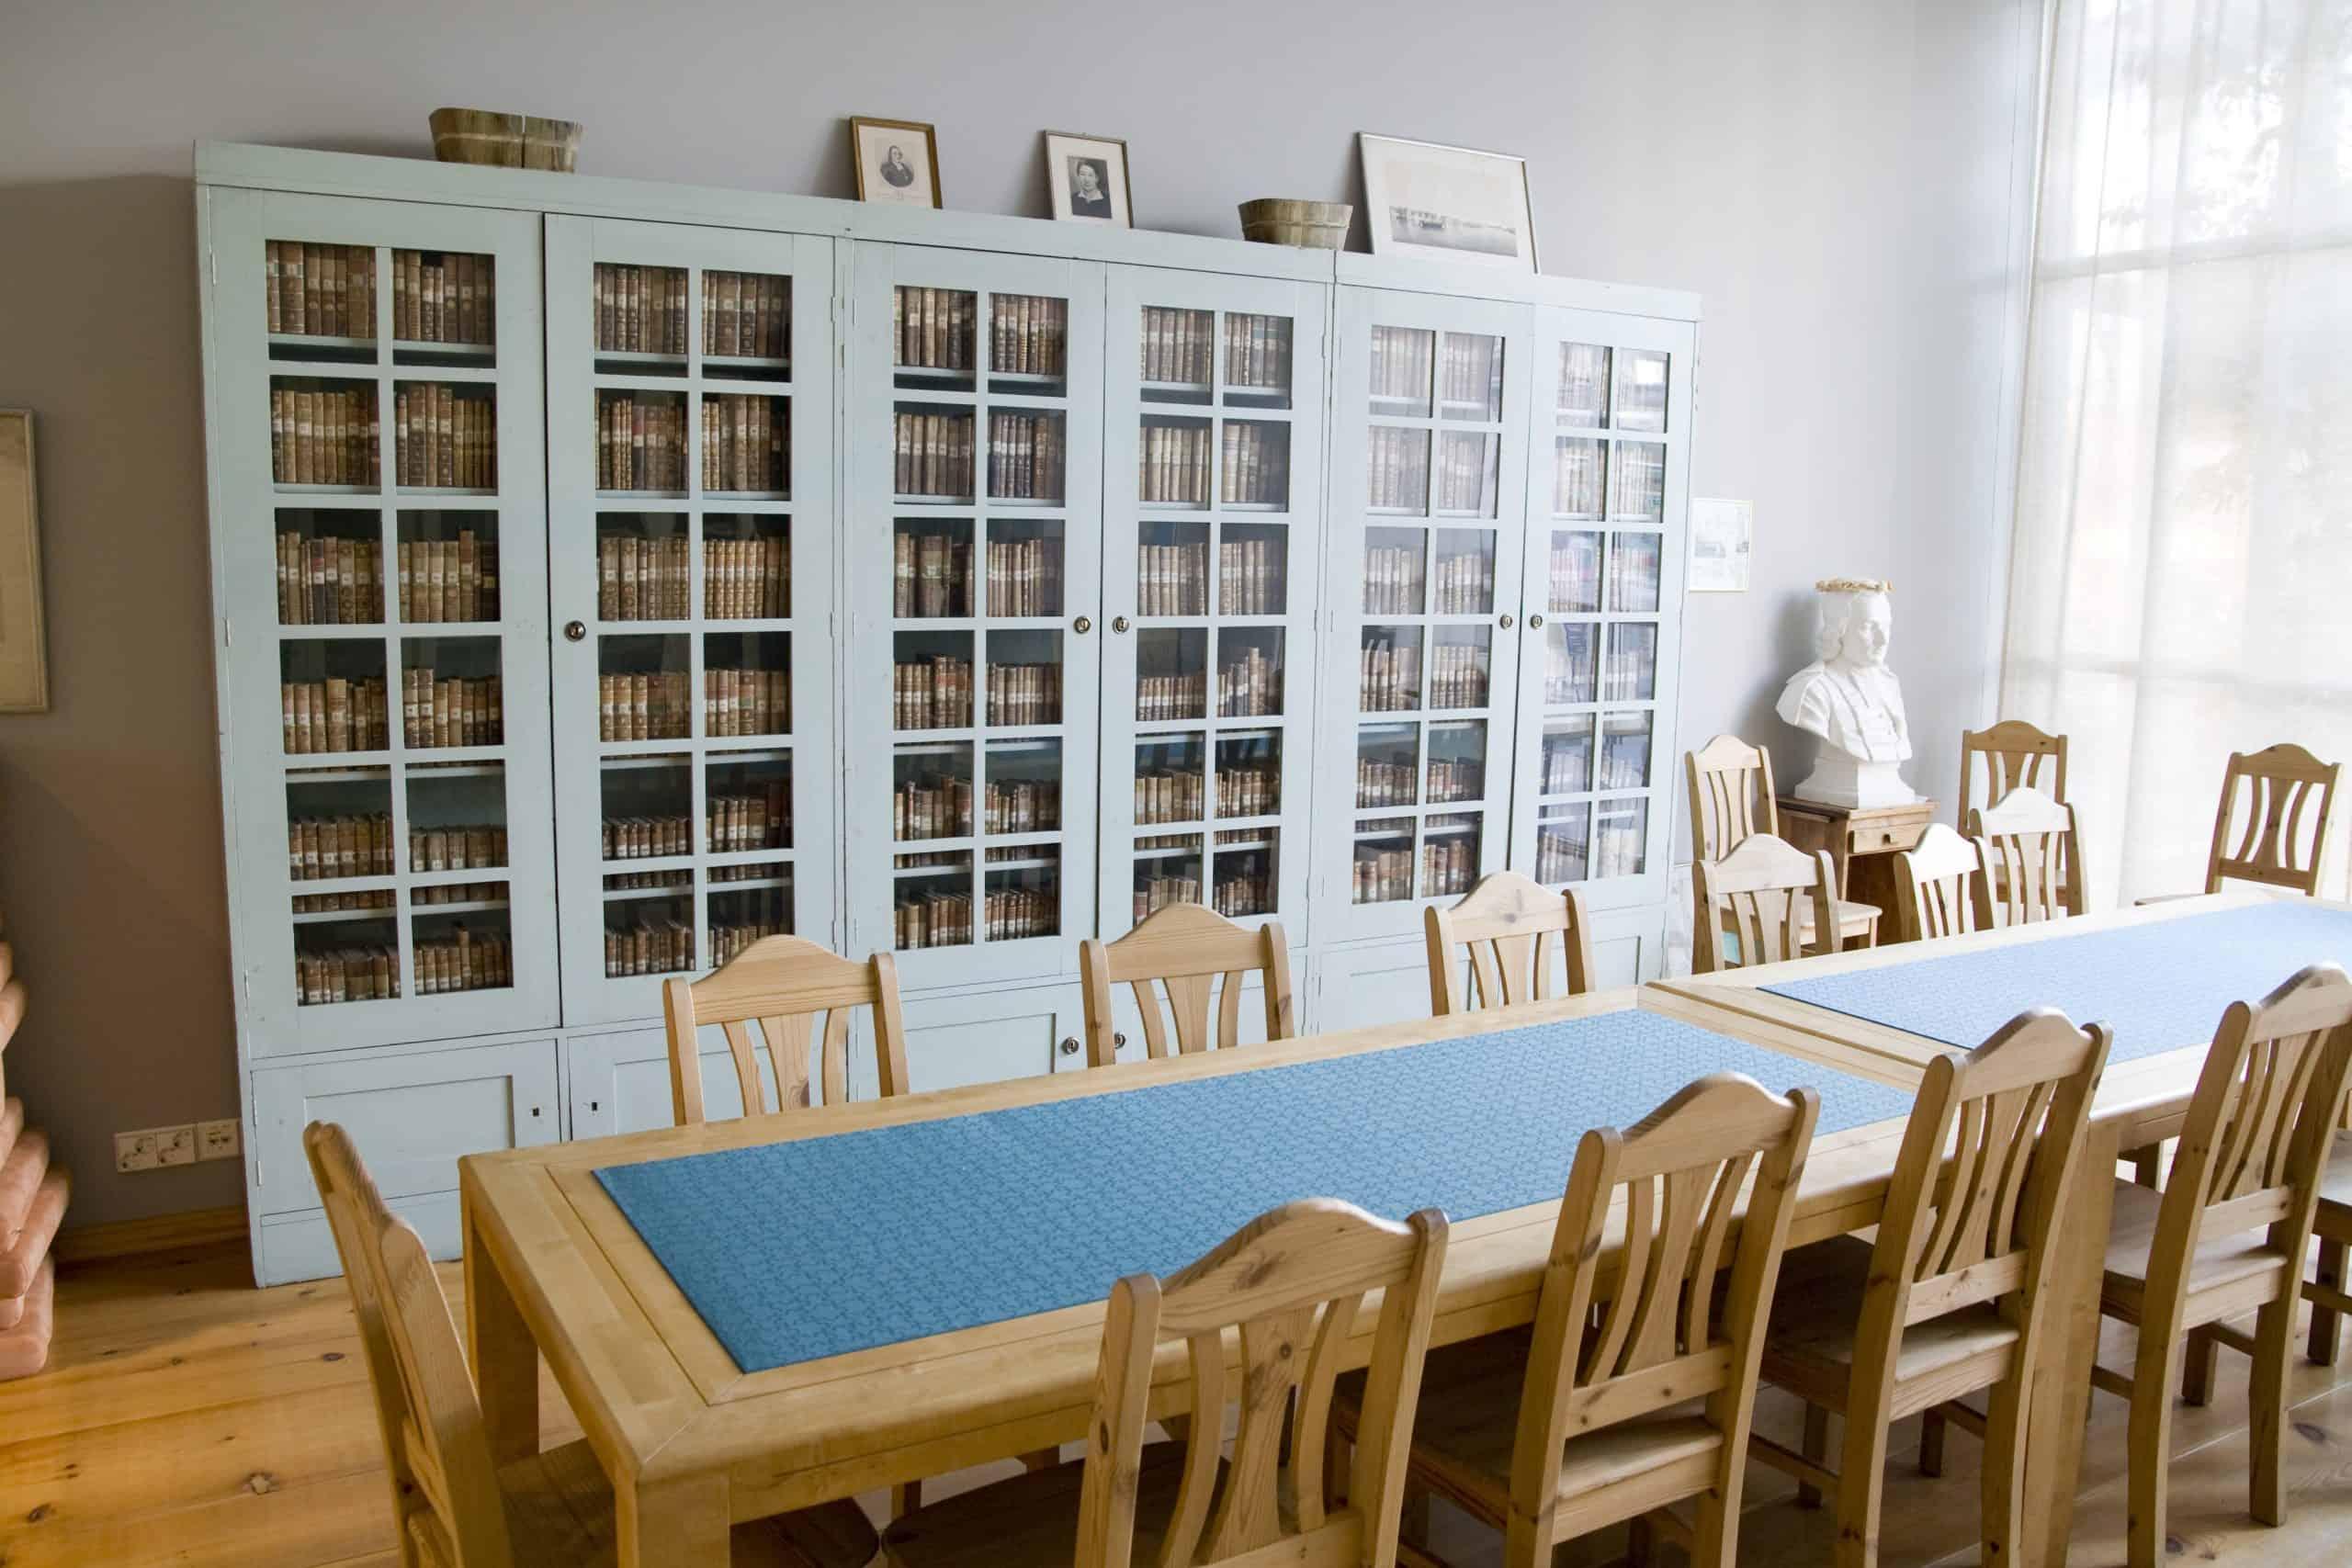 Lukuseuran huoneessa on vihreä kaappi, jossa vanhoja kirjoja. Huoneessa on myös pitkä pöytä ja tuolit.